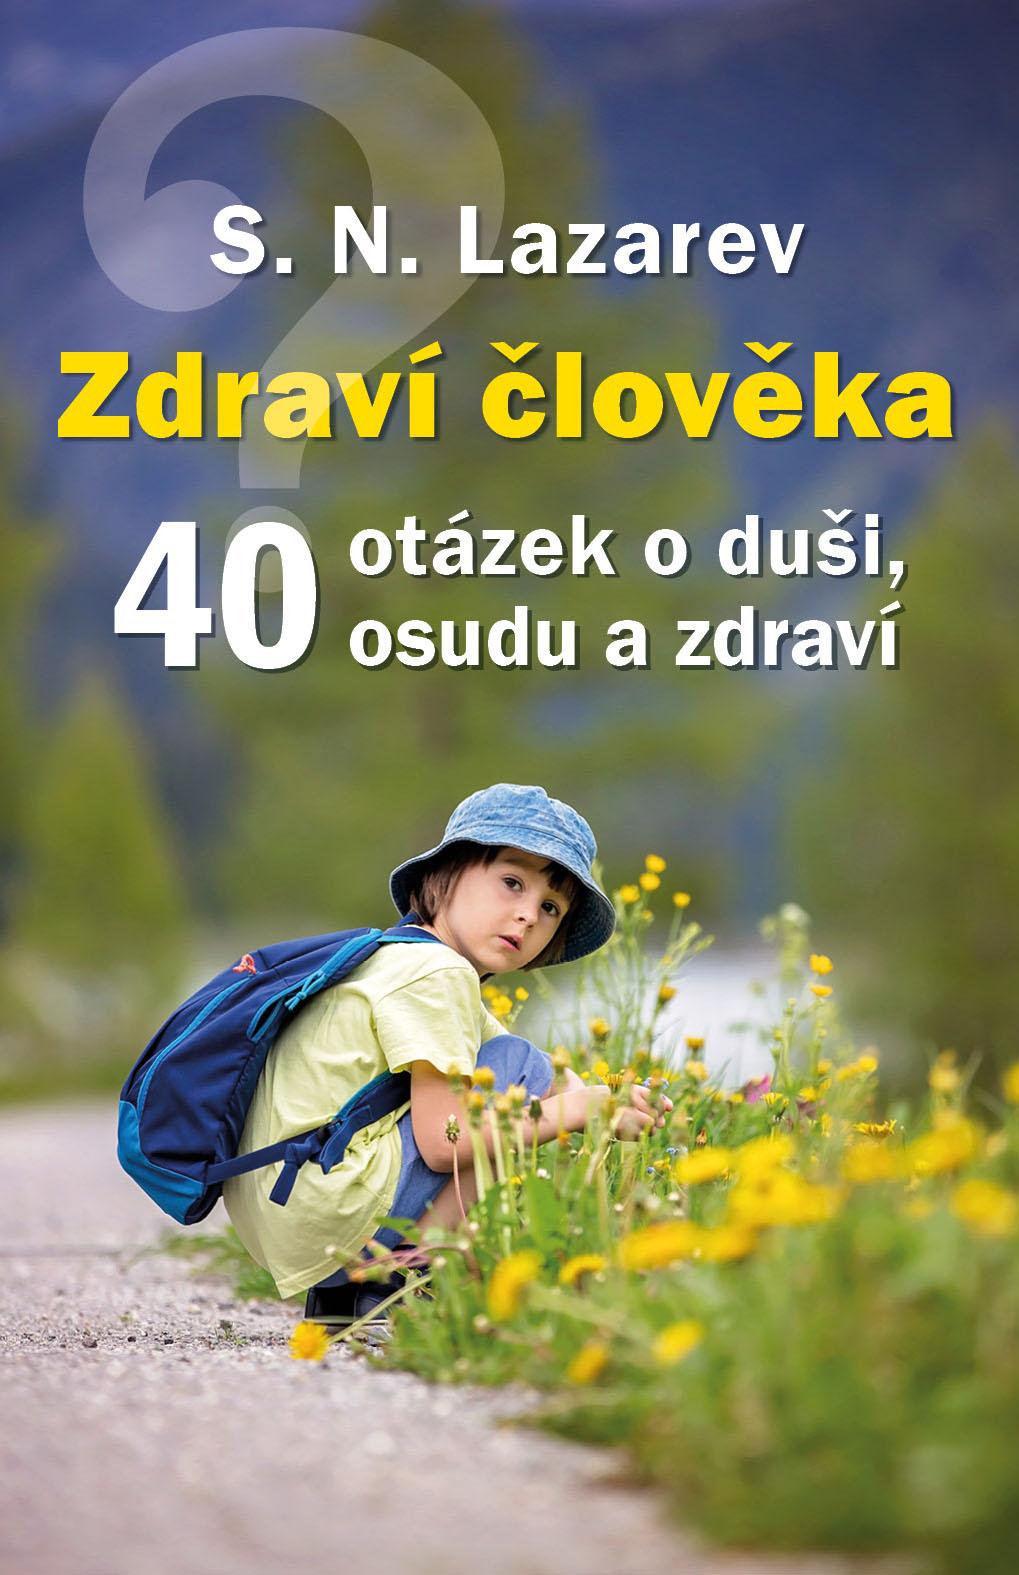 40_otazek